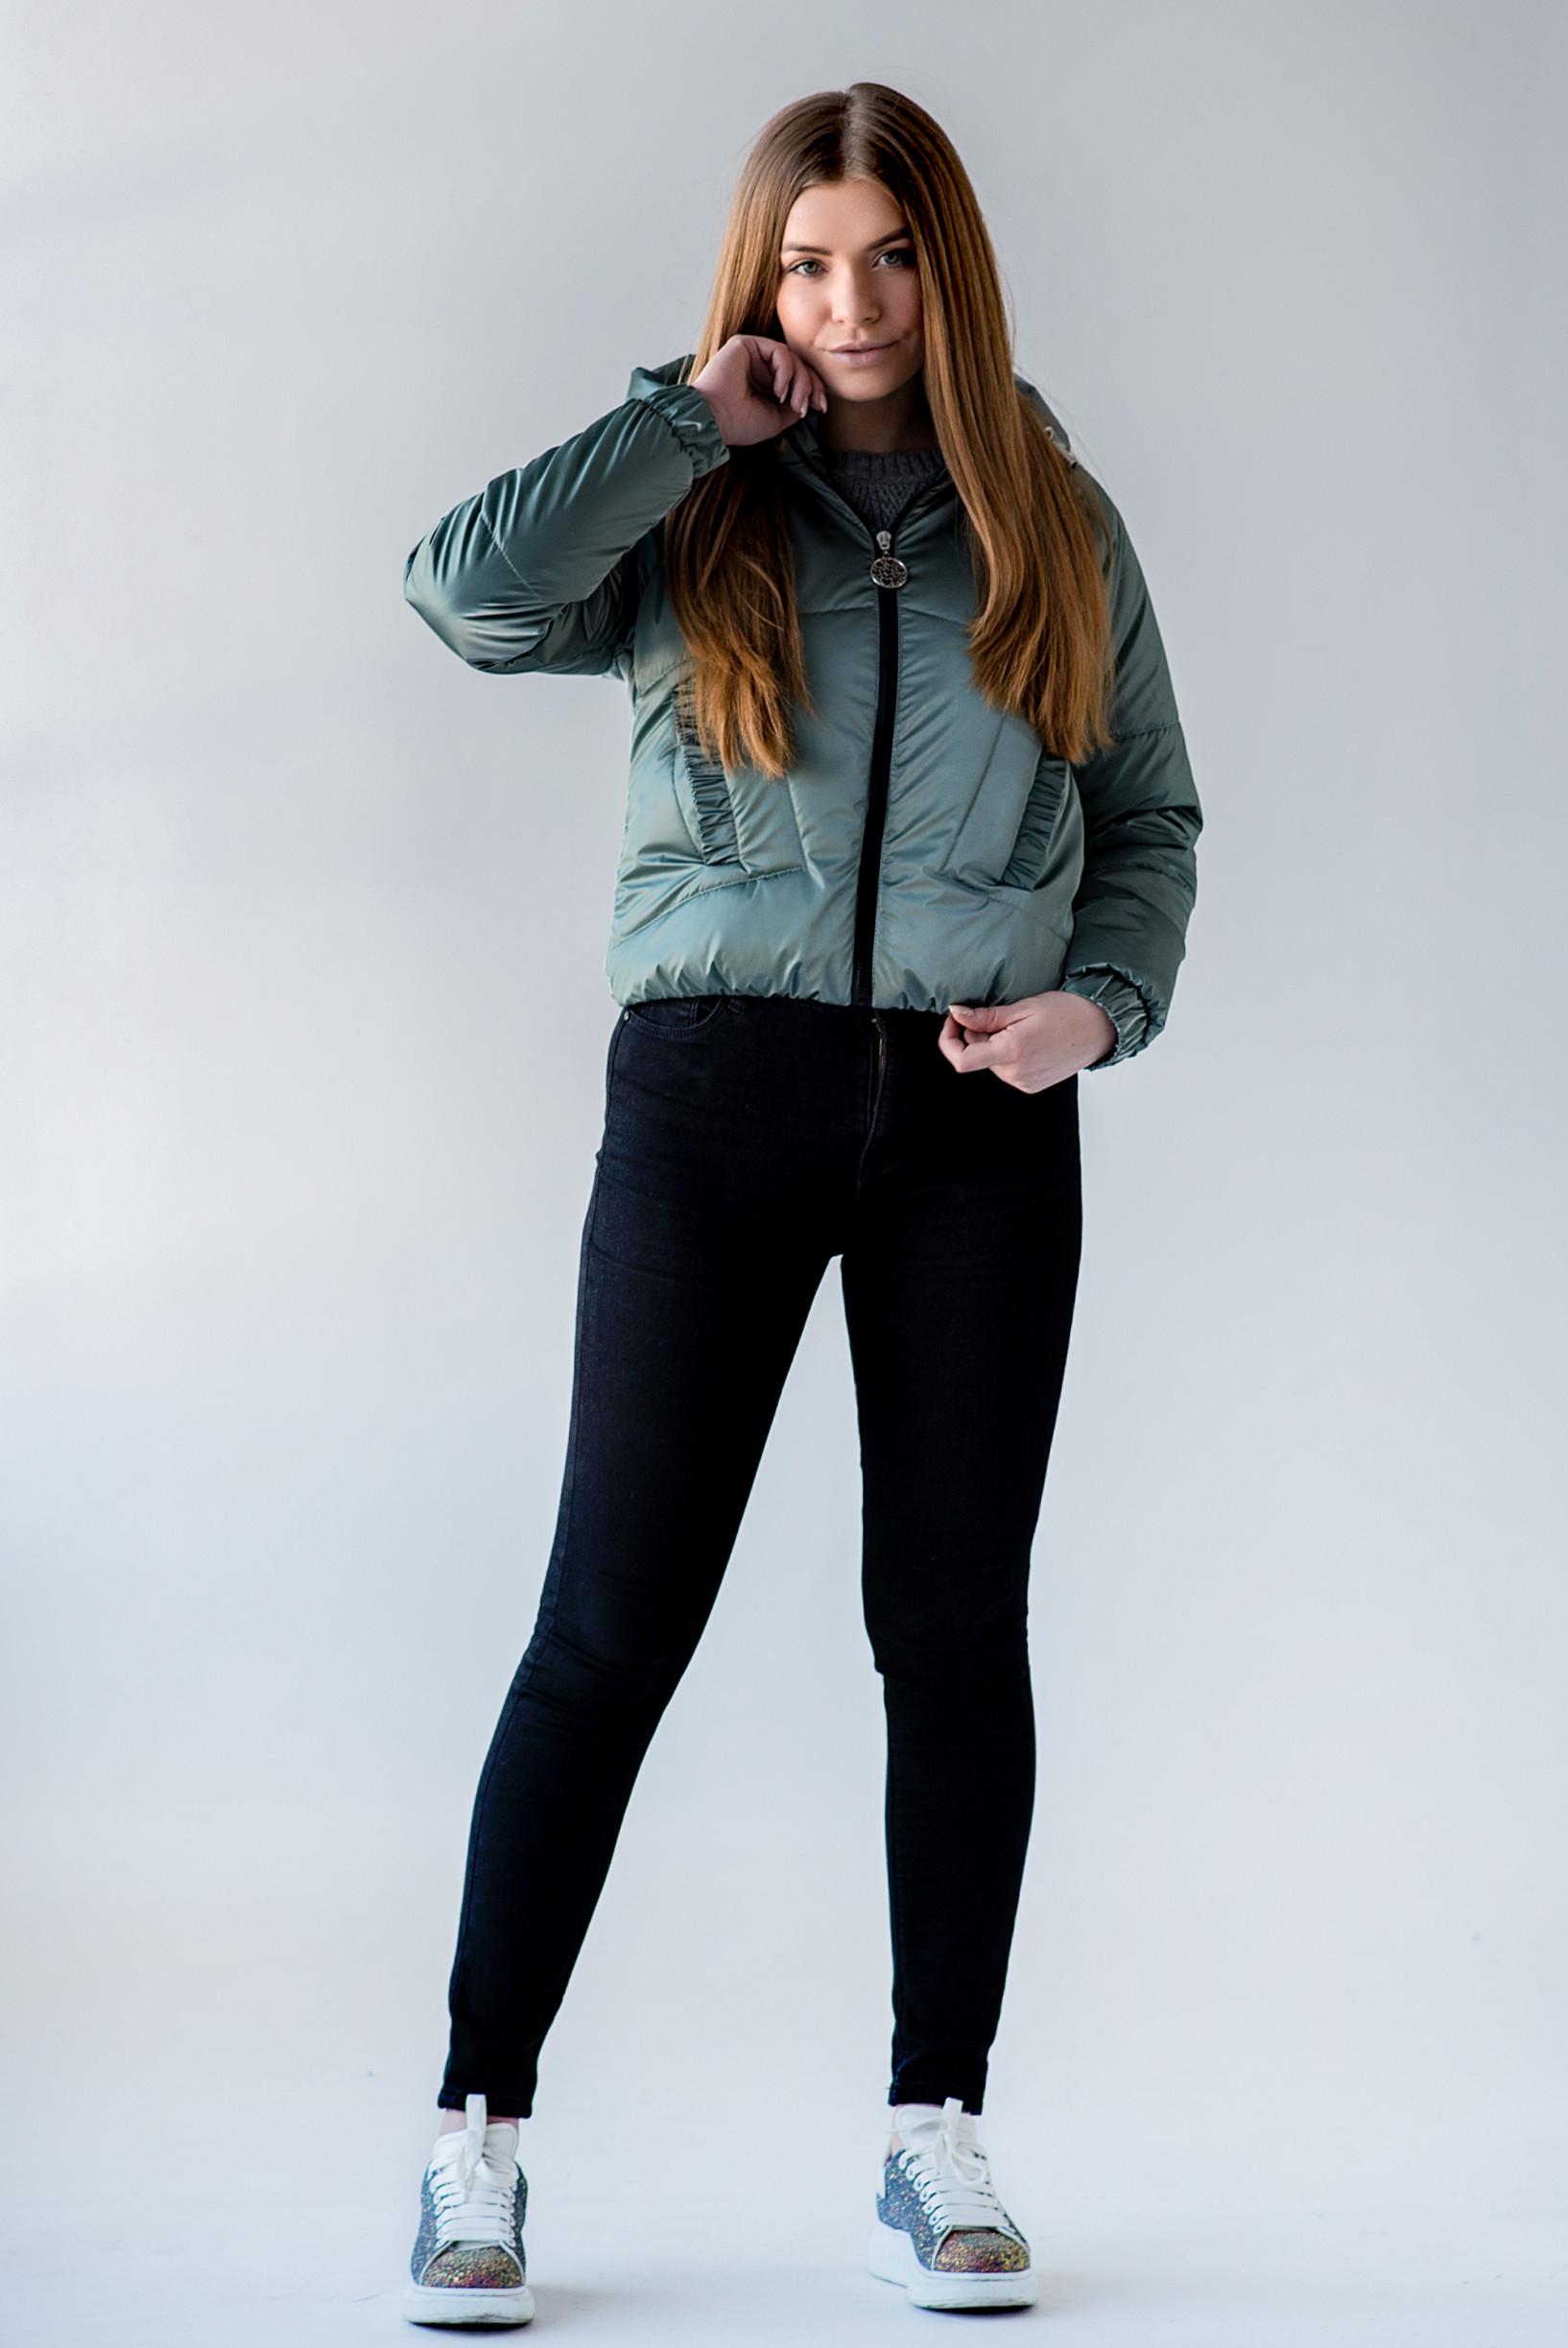 Демисезонная укороченная зелёная куртка Берри из велюрной плащёвки